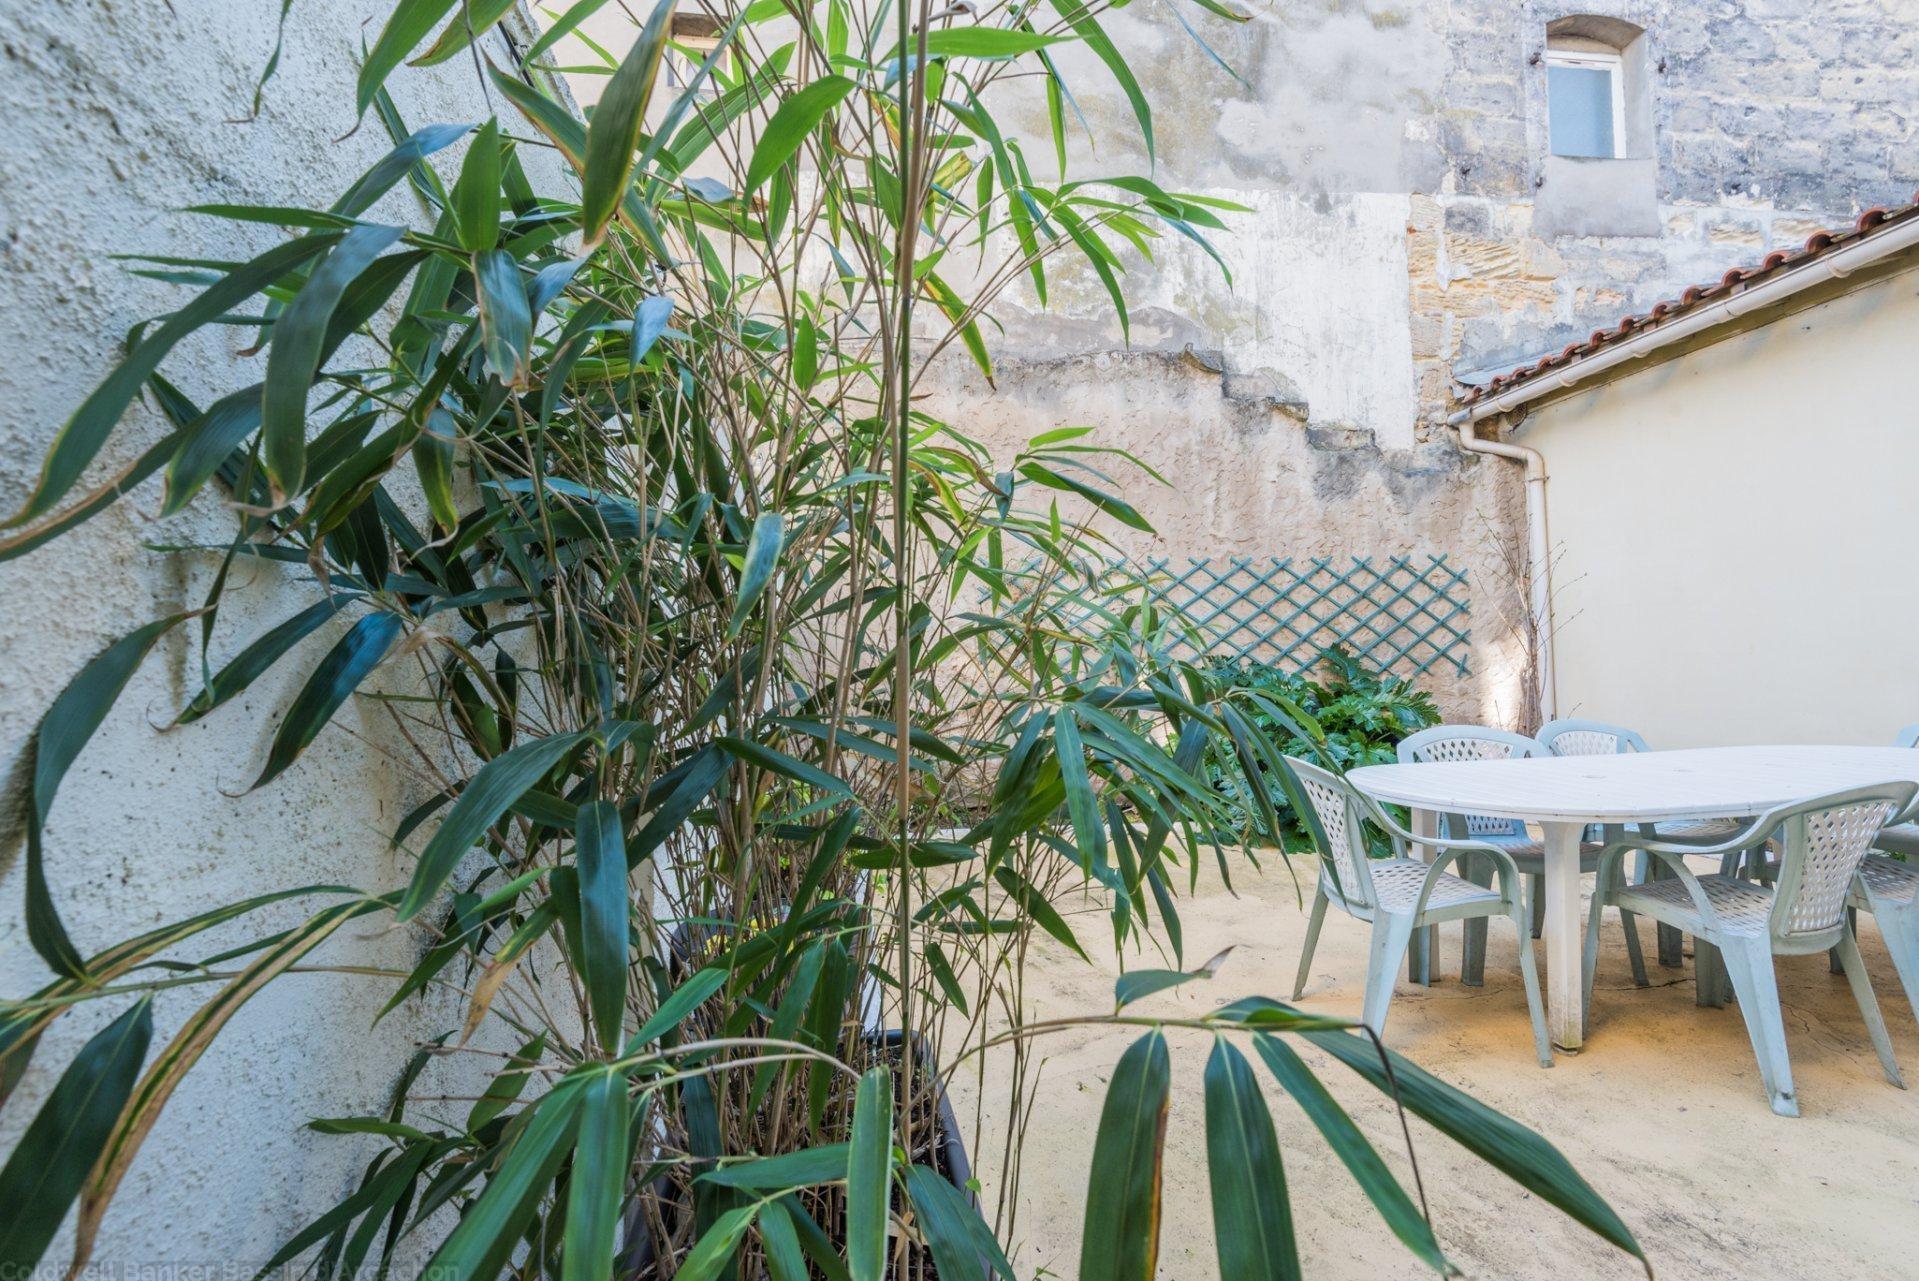 Vente Immeuble à réaménager Bordeaux Pey Berland